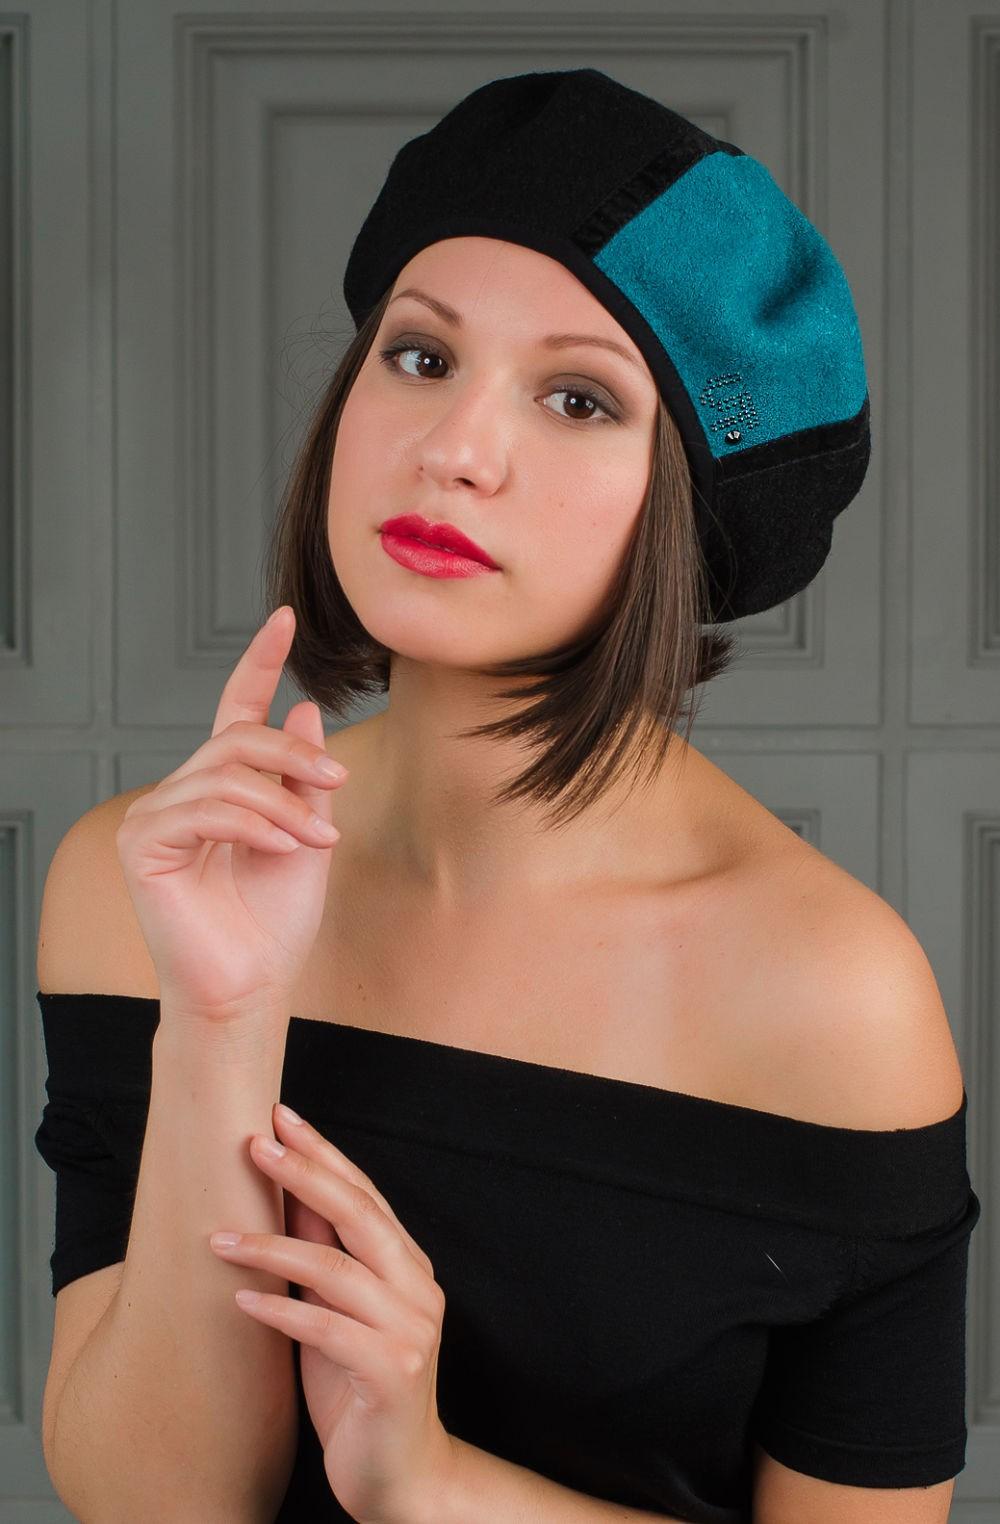 Как носить шапку с челкой: берет с челкой черный с бирюзовым